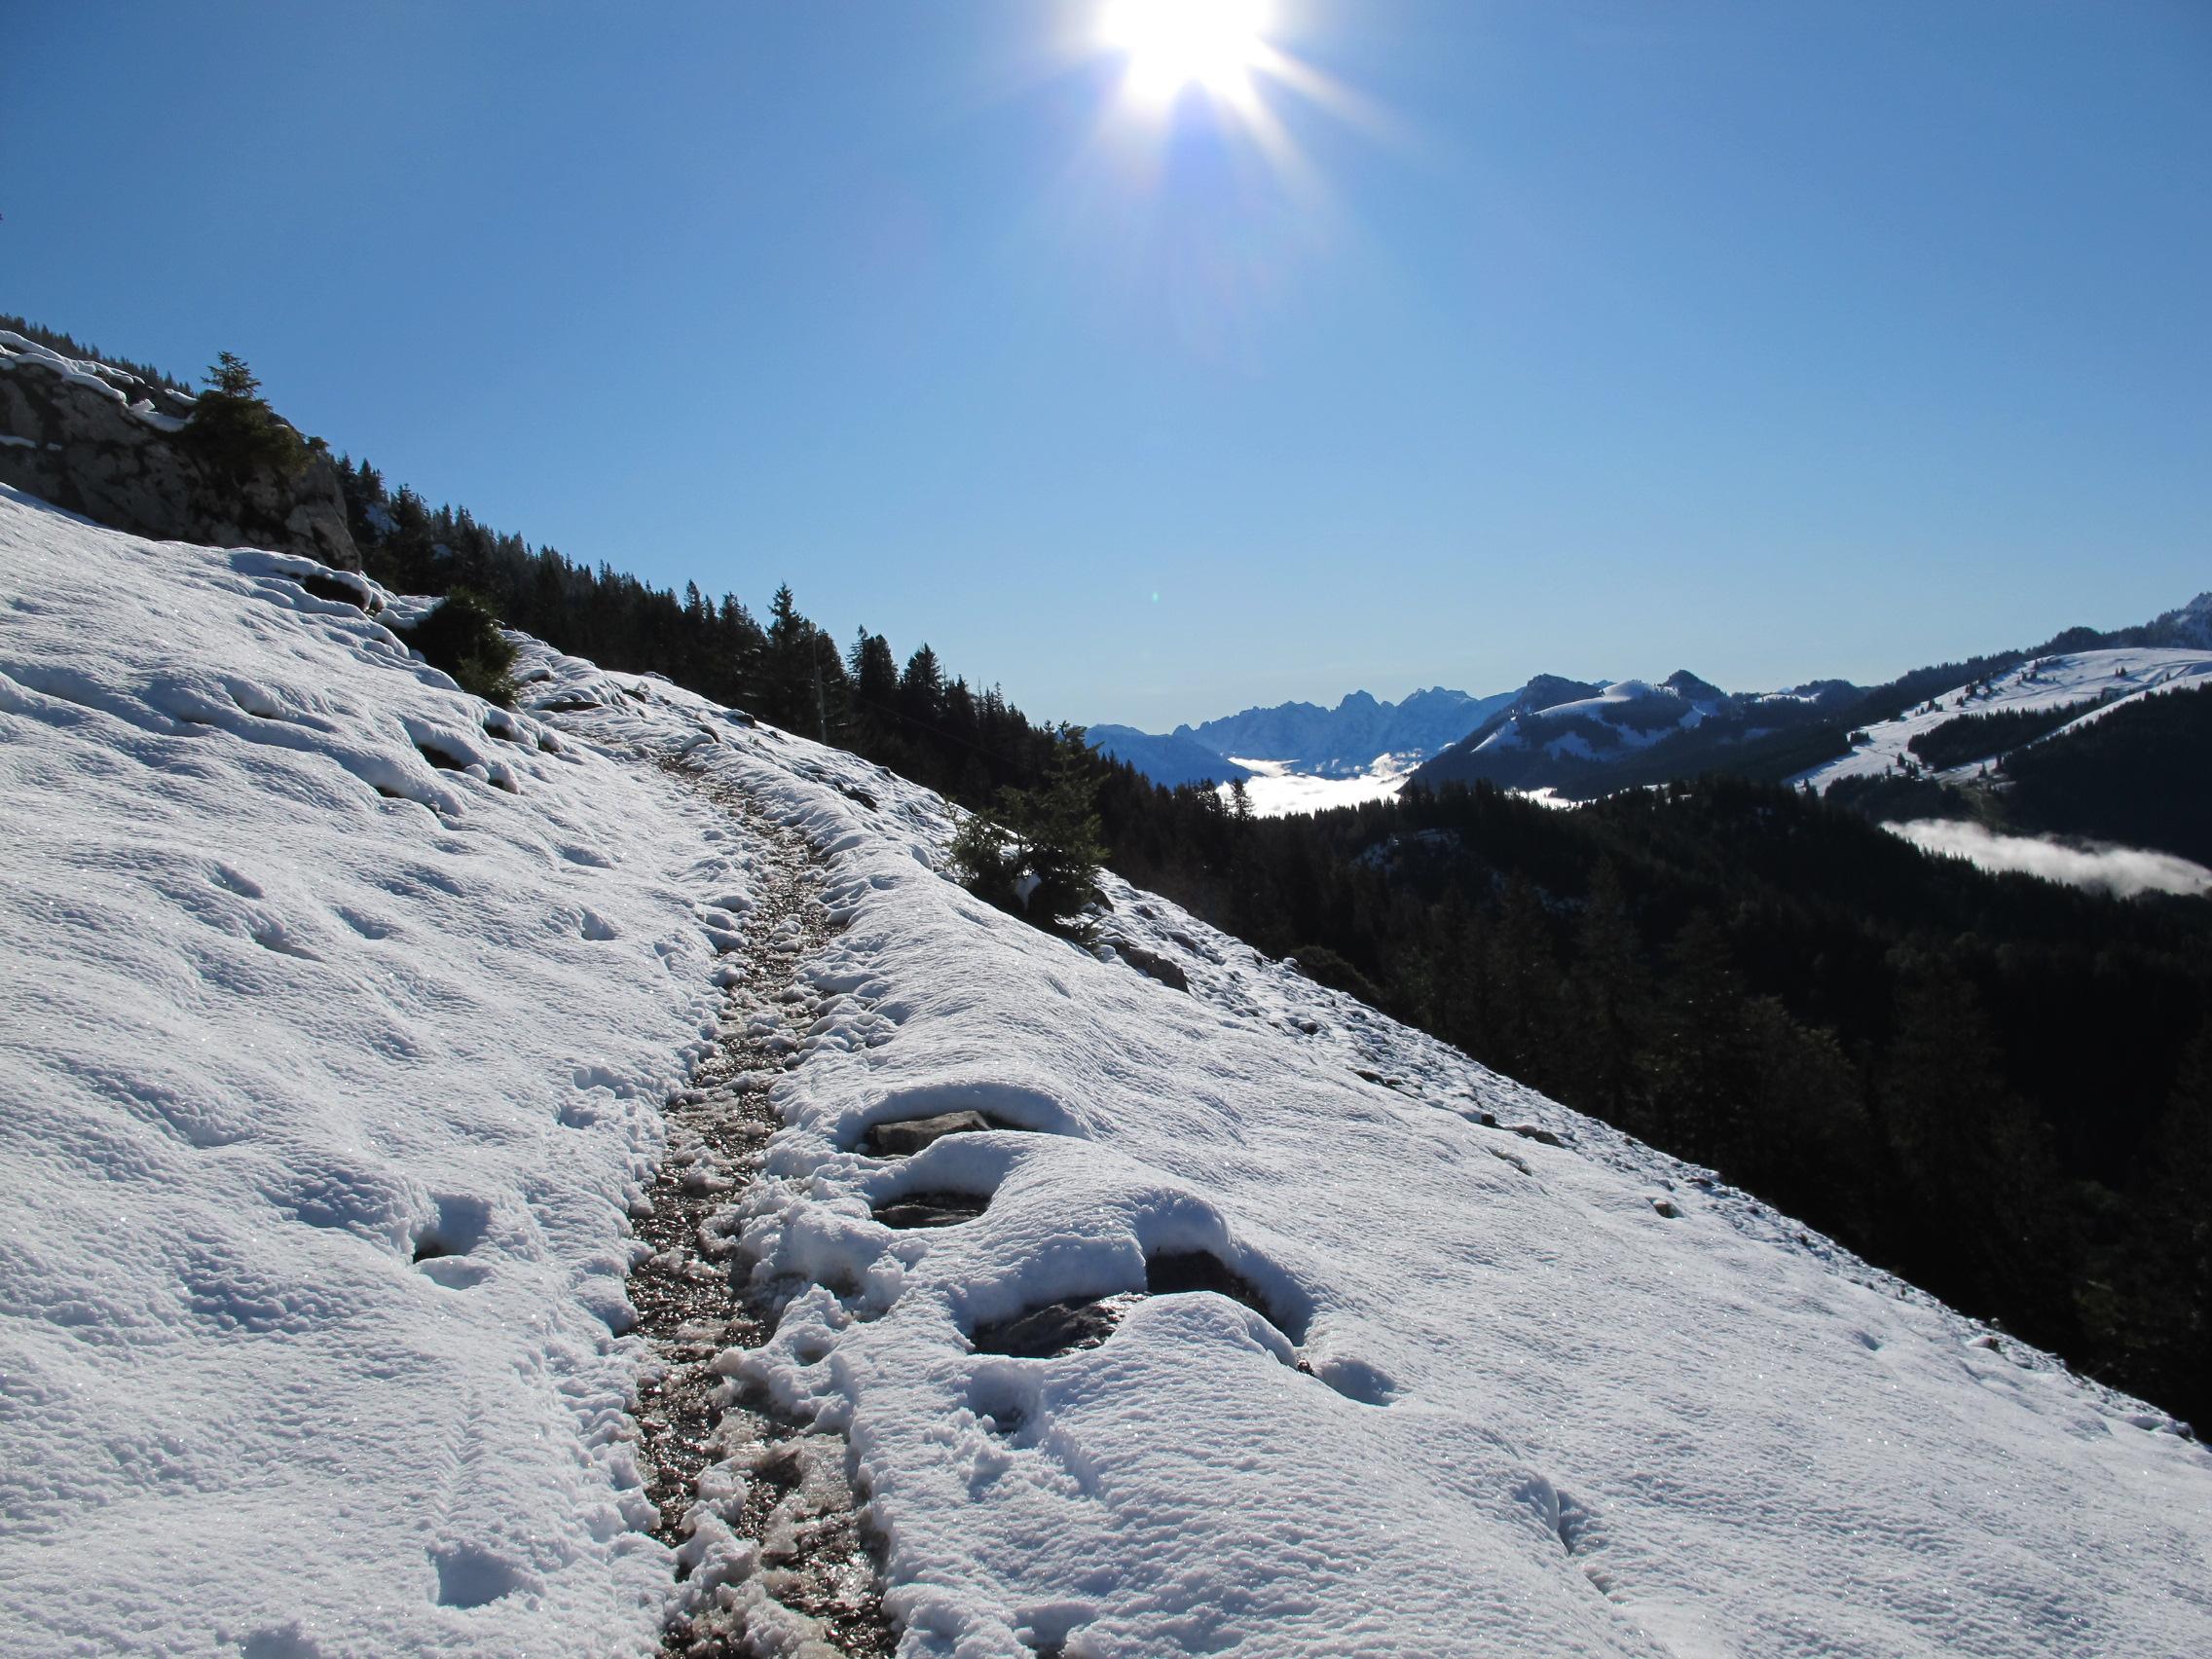 Hikingthealps